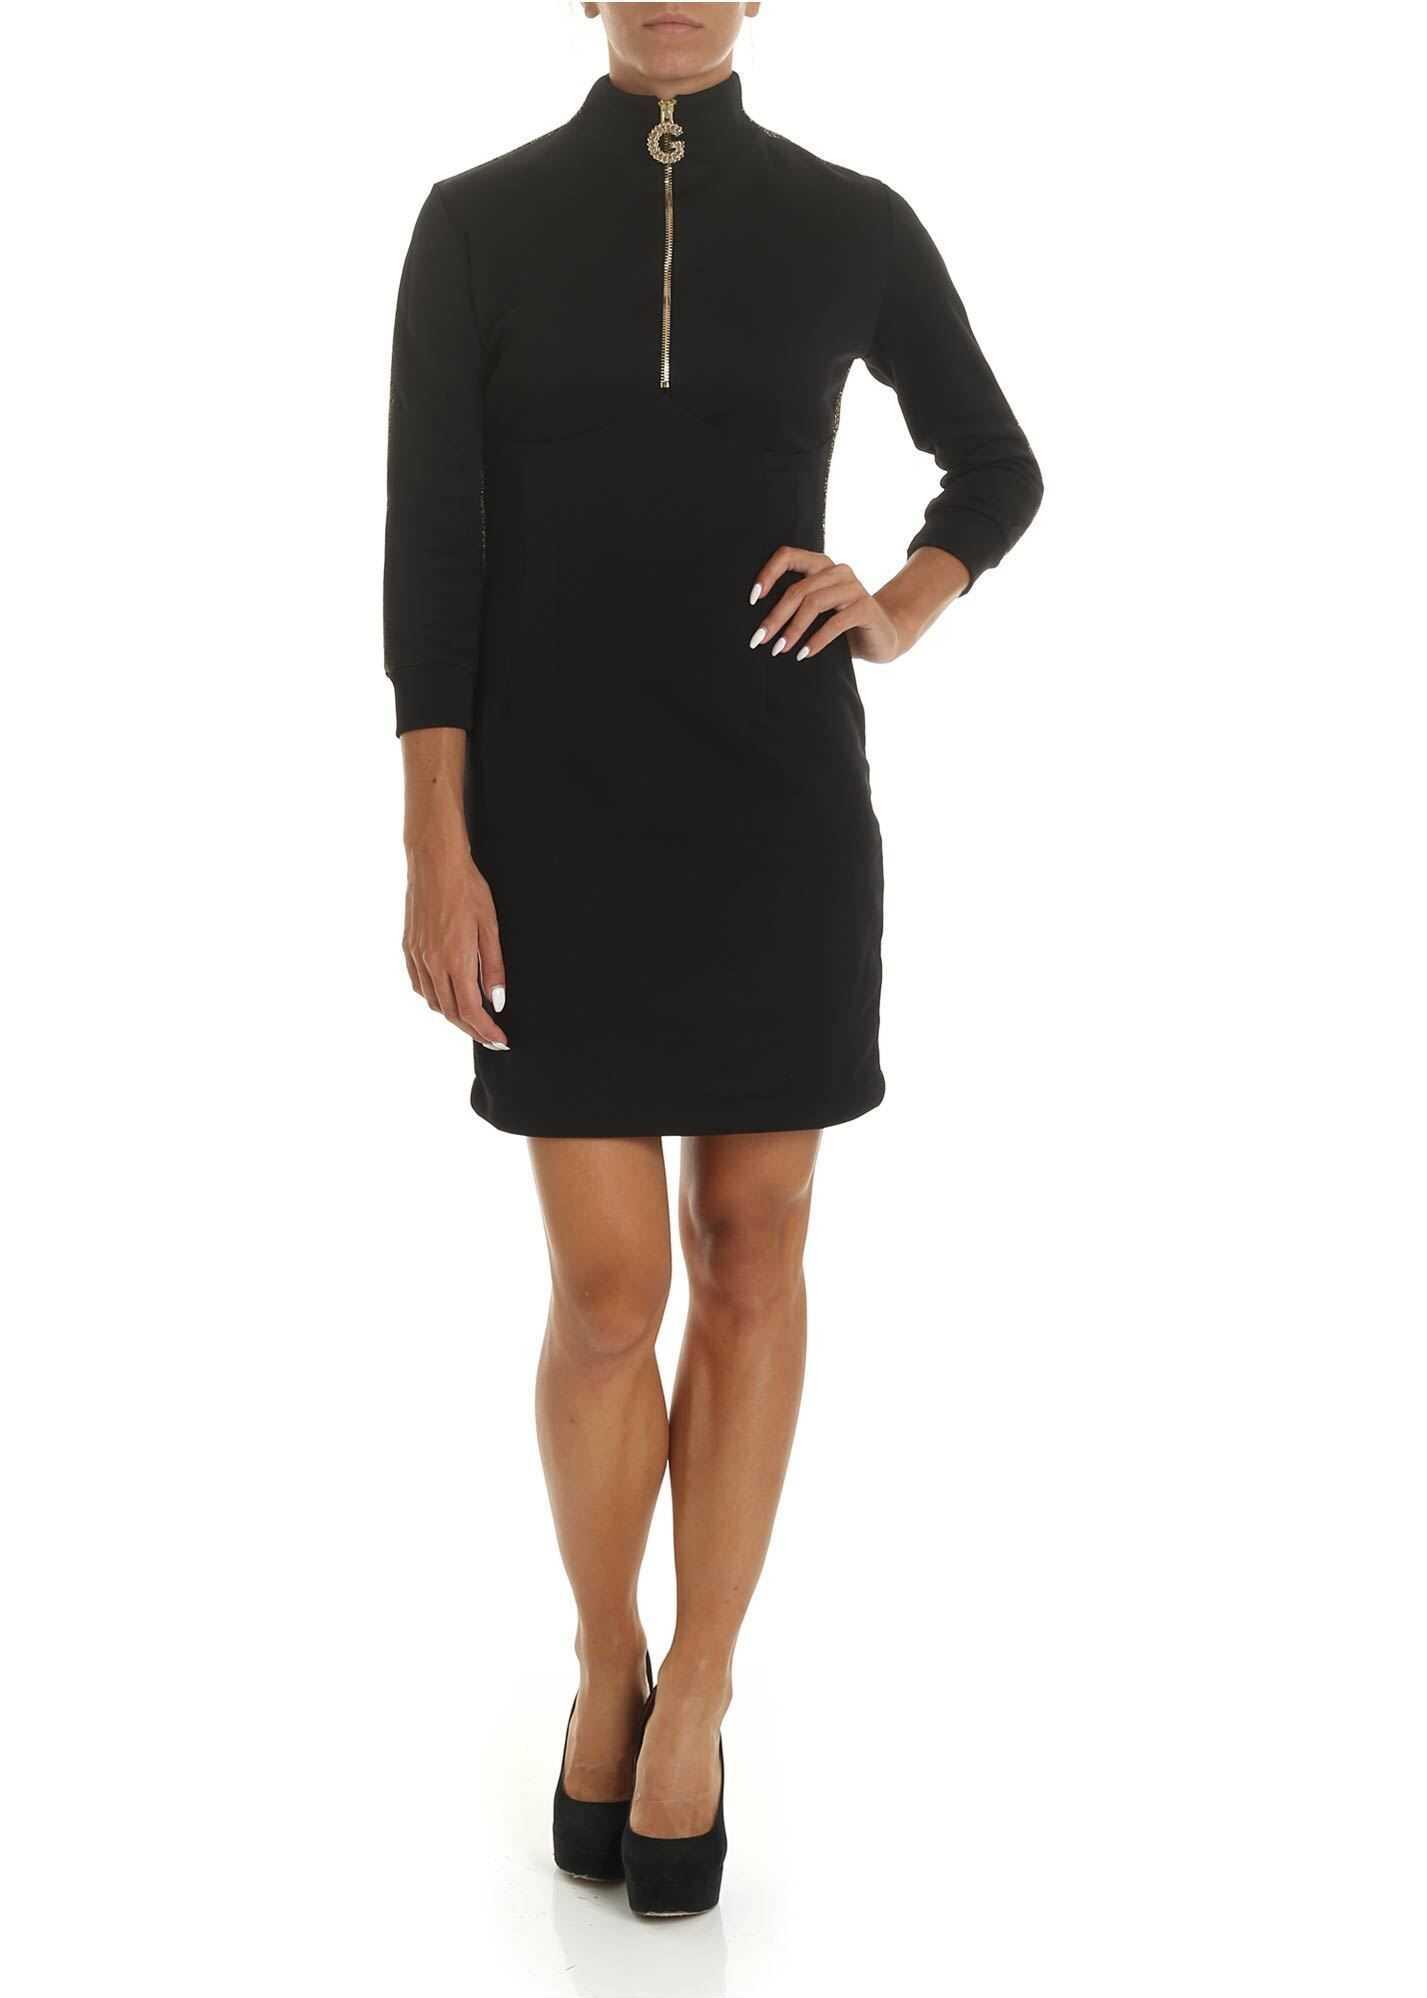 GAëLLE Paris Black Dress With Lamé Edges Black